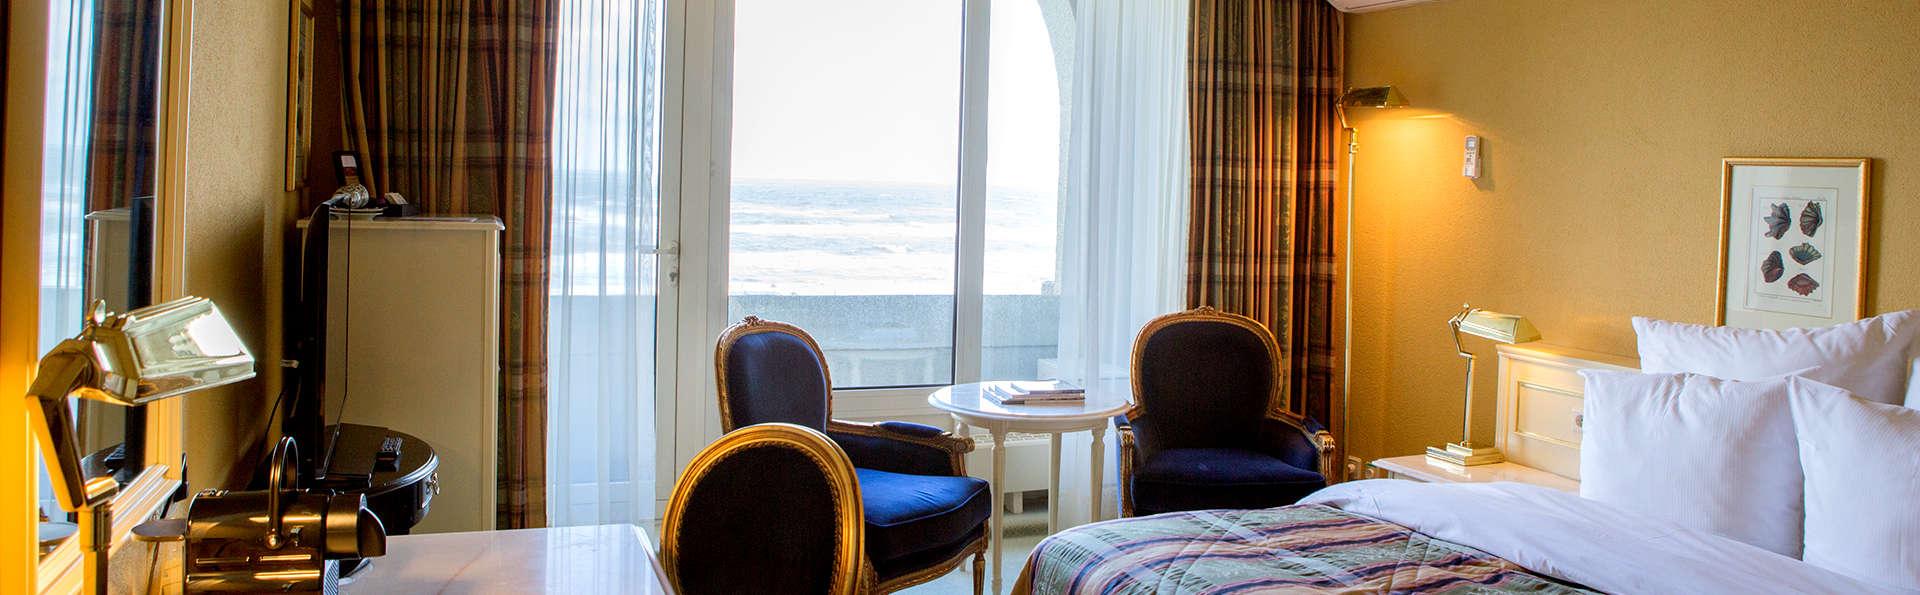 Séjour de luxe avec vue sur la mer à Noordwijk